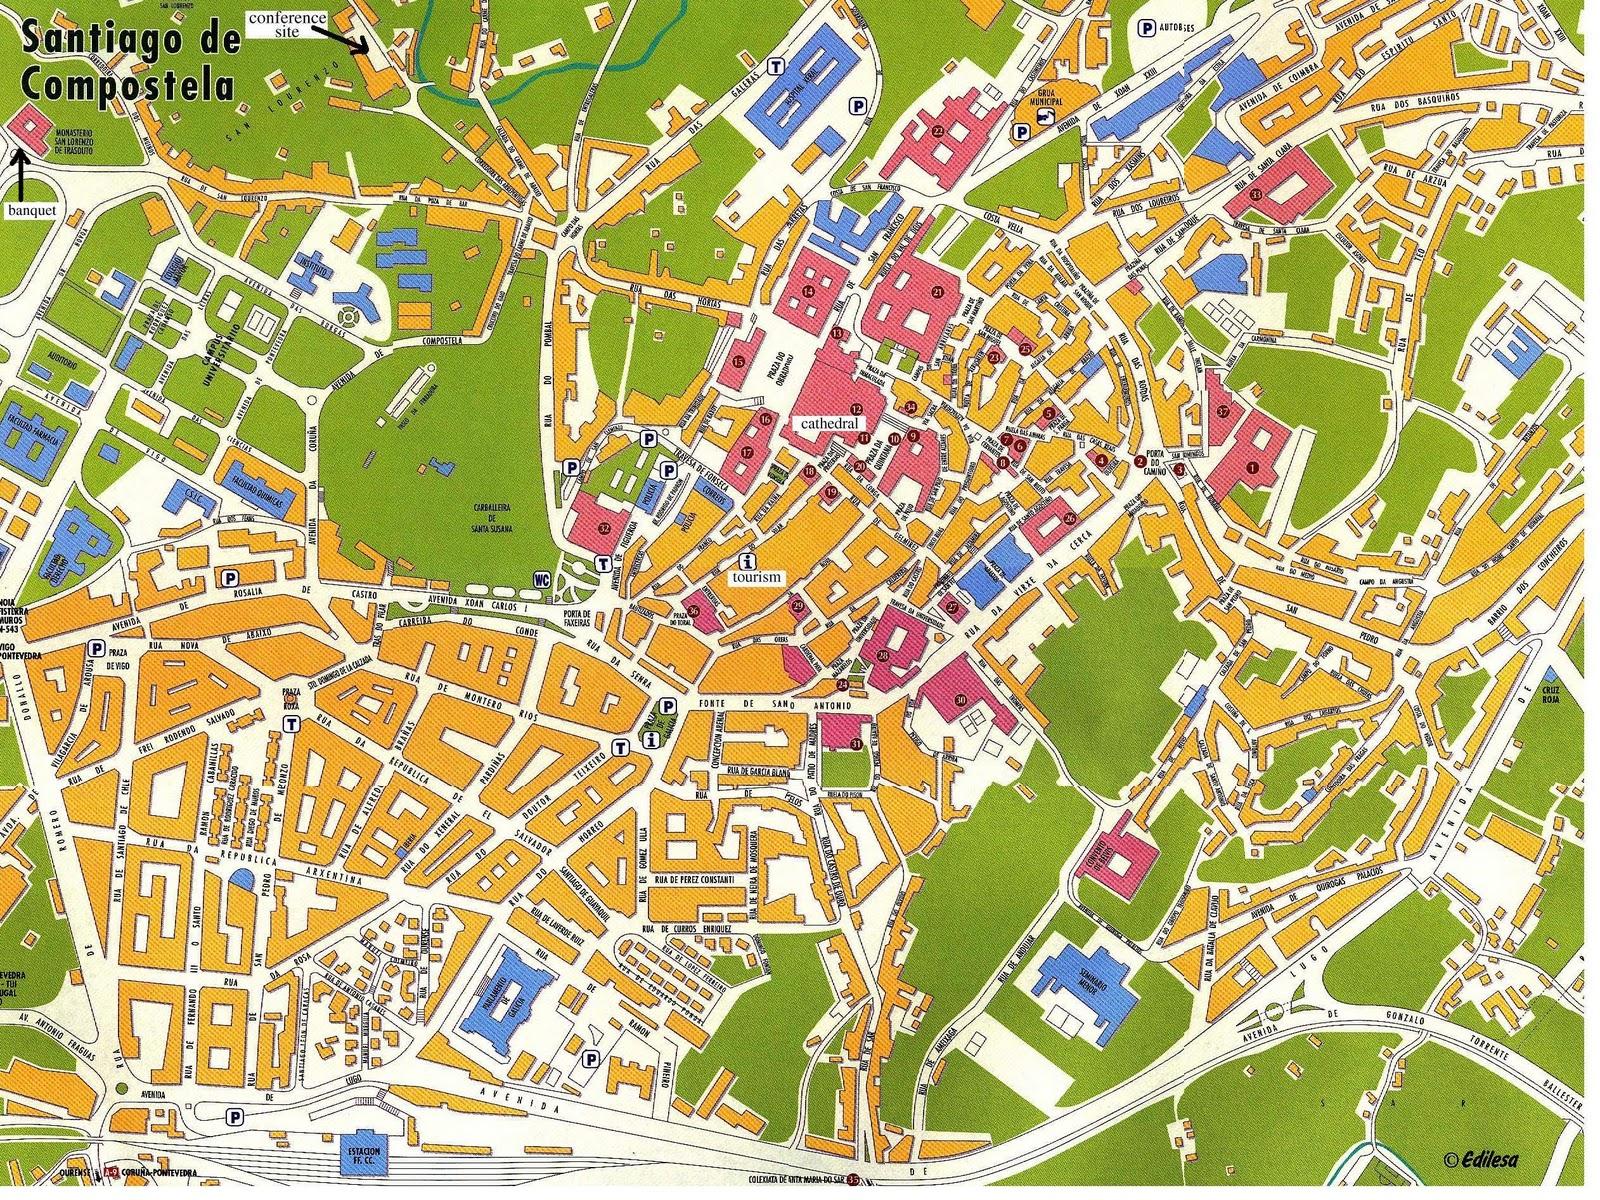 Callejero Mapa De Santiago De Compostela.Blog Da Clase Santiago De Compostela